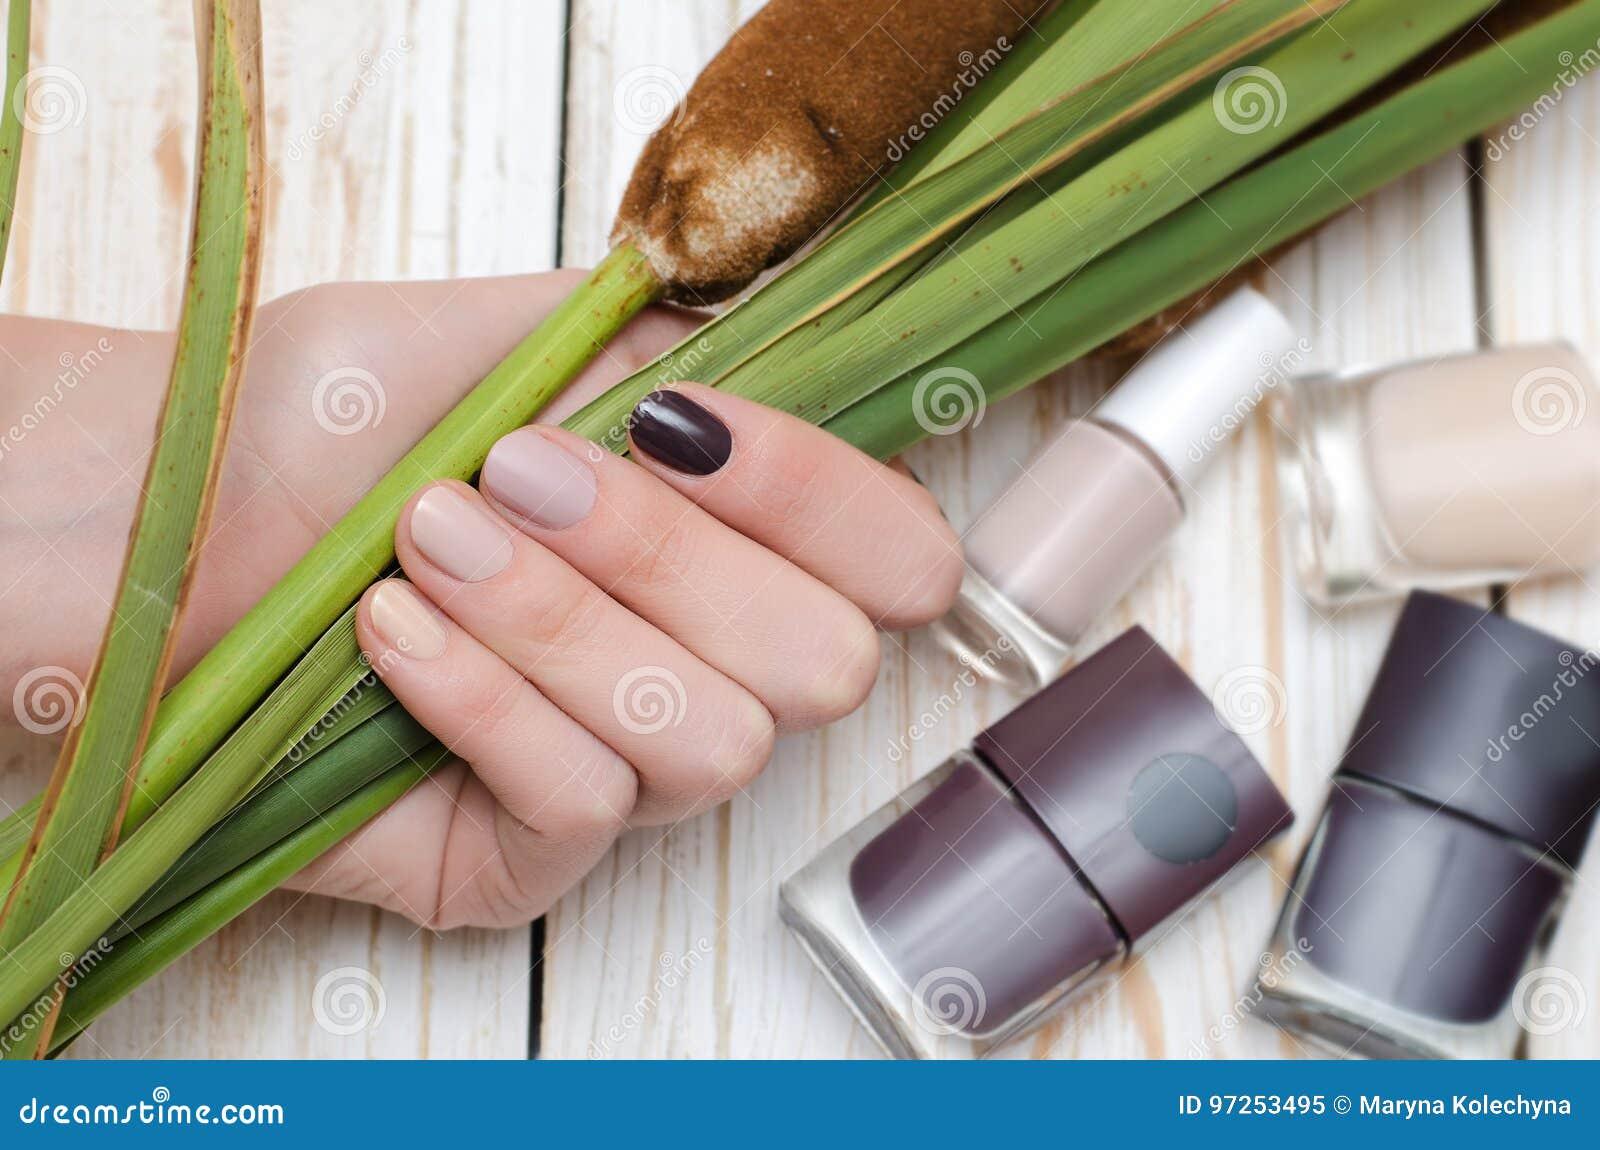 Genial Nageldesign Braun Beige Das Beste Von Pattern Schöne Weibliche Hand Mit Unterschiedlicher Brauntönemaniküre